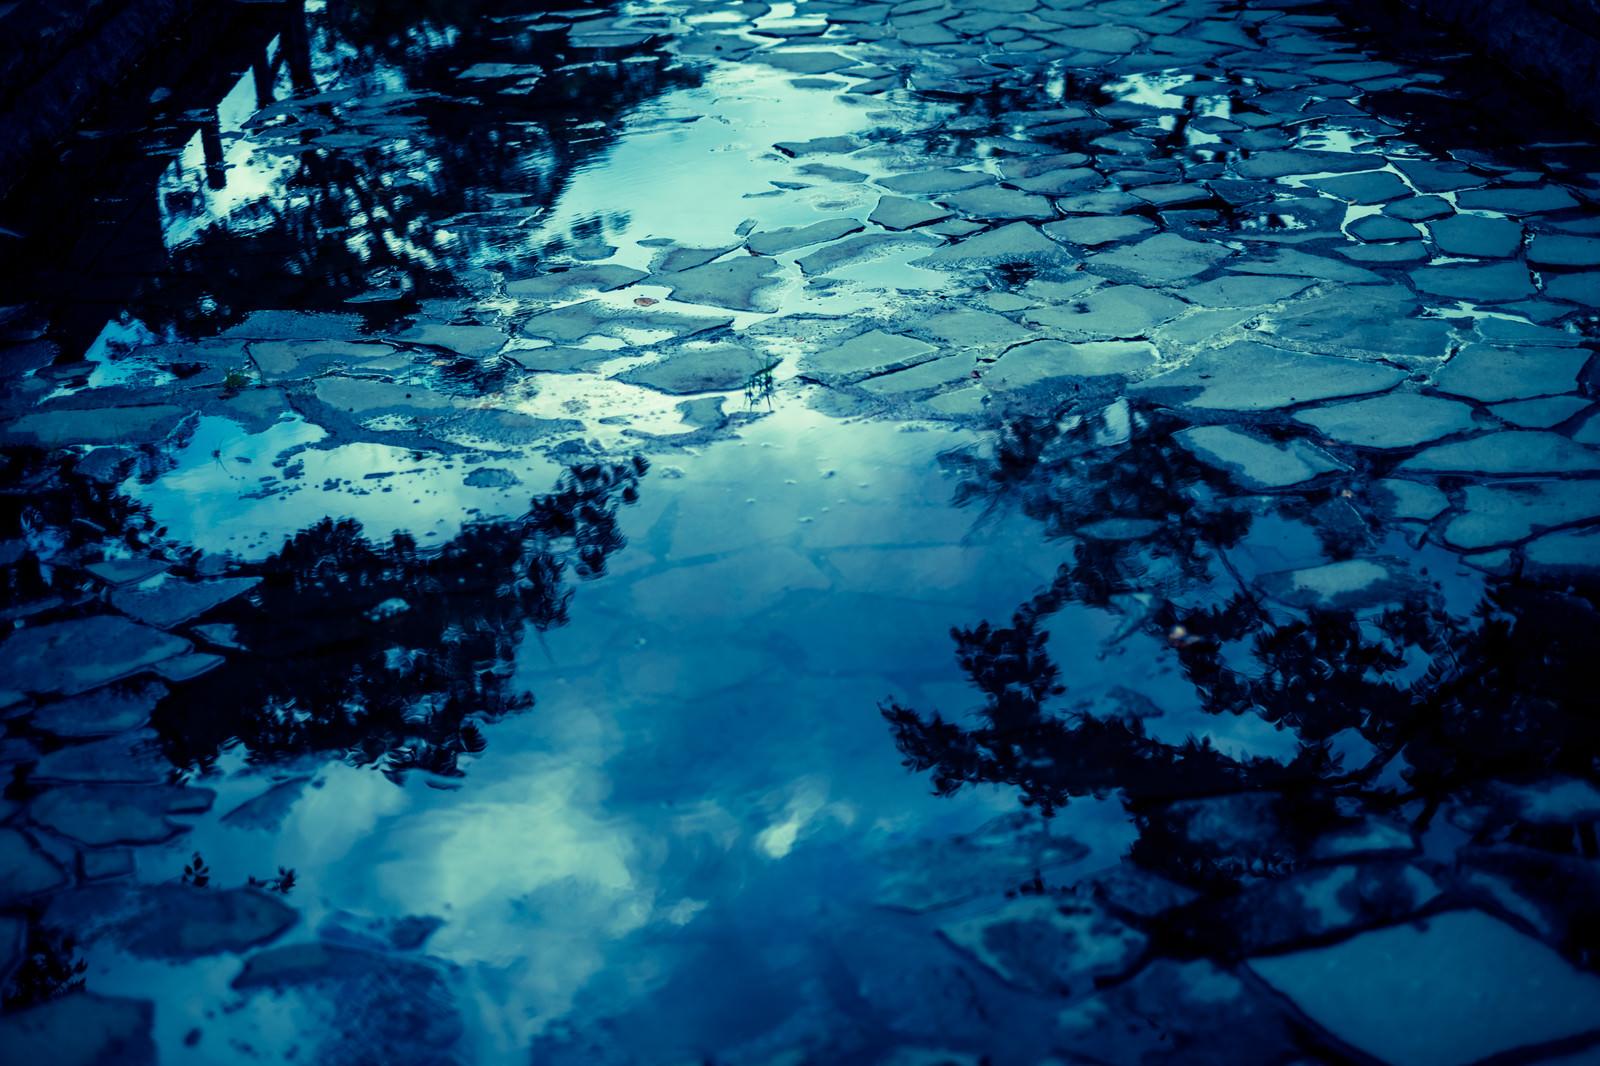 「水溜りと映り込む空水溜りと映り込む空」のフリー写真素材を拡大